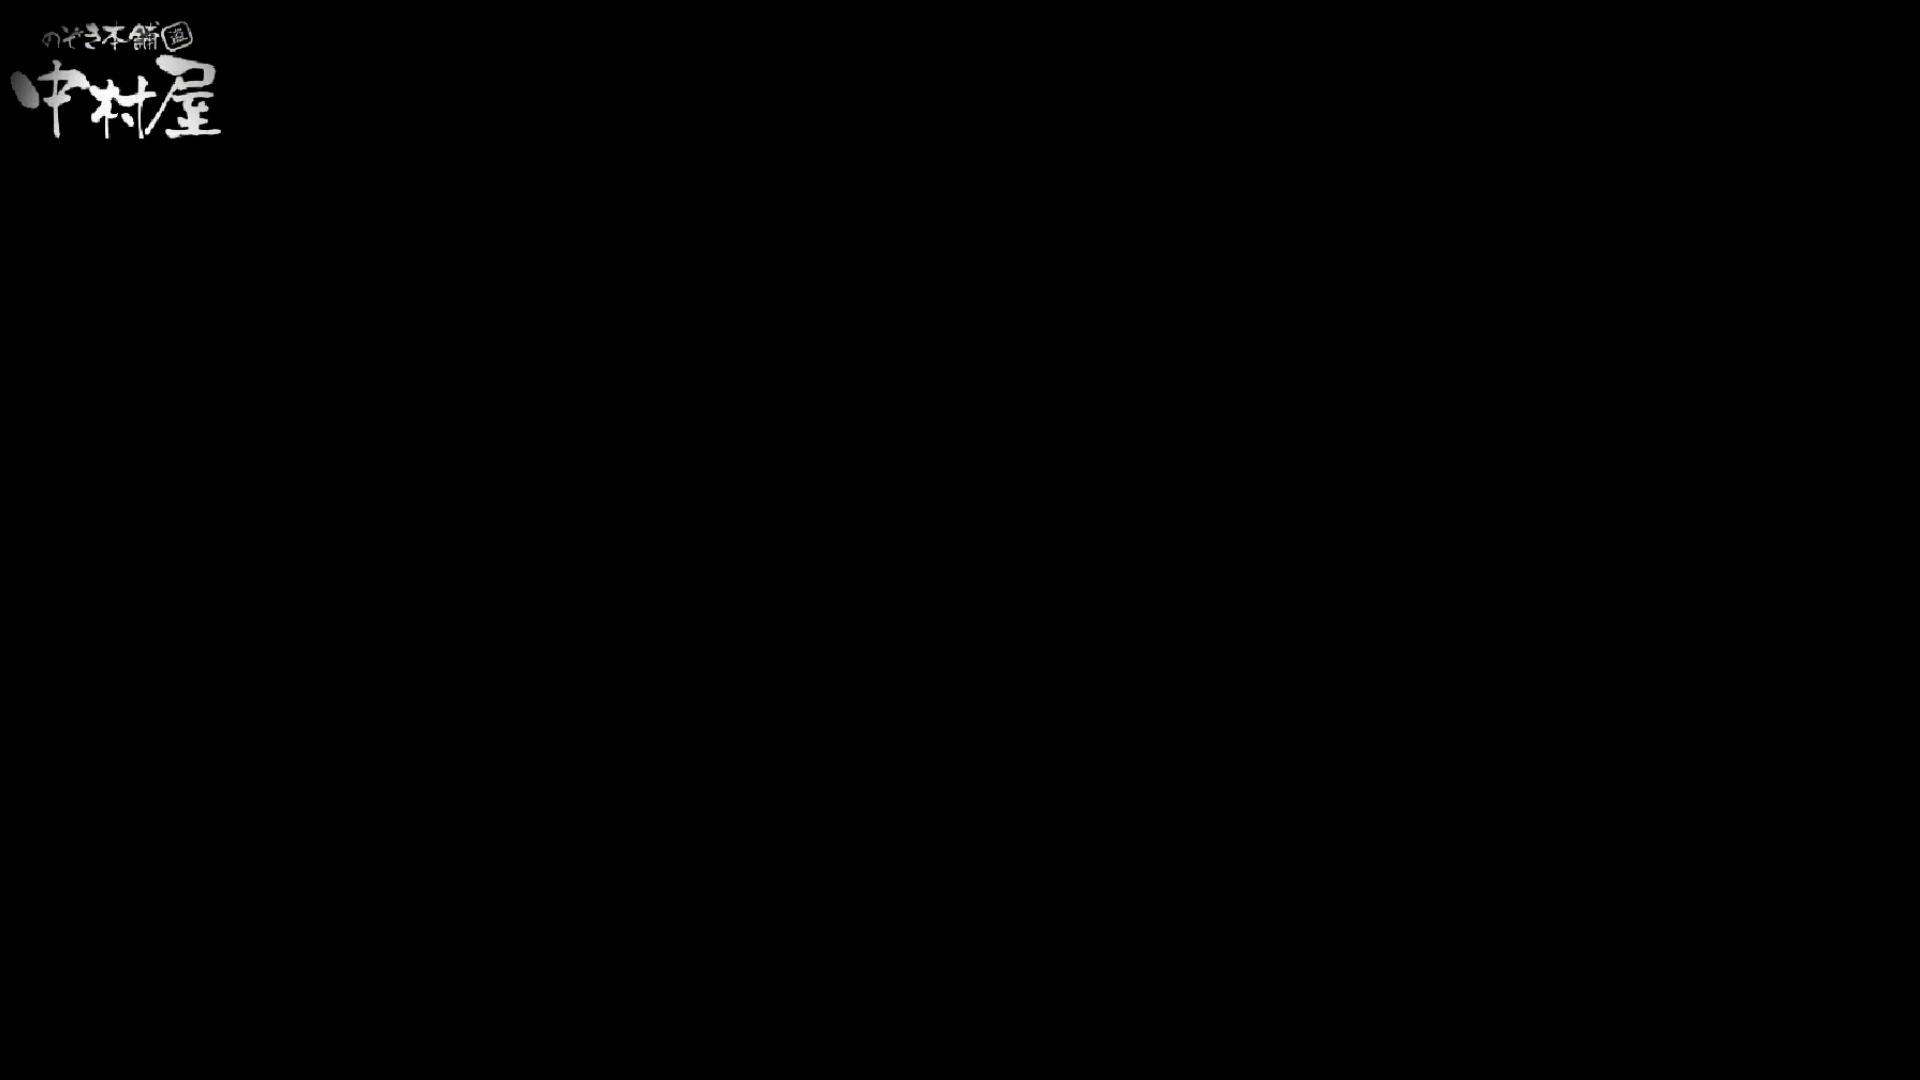 雅さんが厳選新年特別コンテンツ!激走!東京マラソン選手専用女子トイレvol.9 お尻 盗撮アダルト動画キャプチャ 57PICs 15